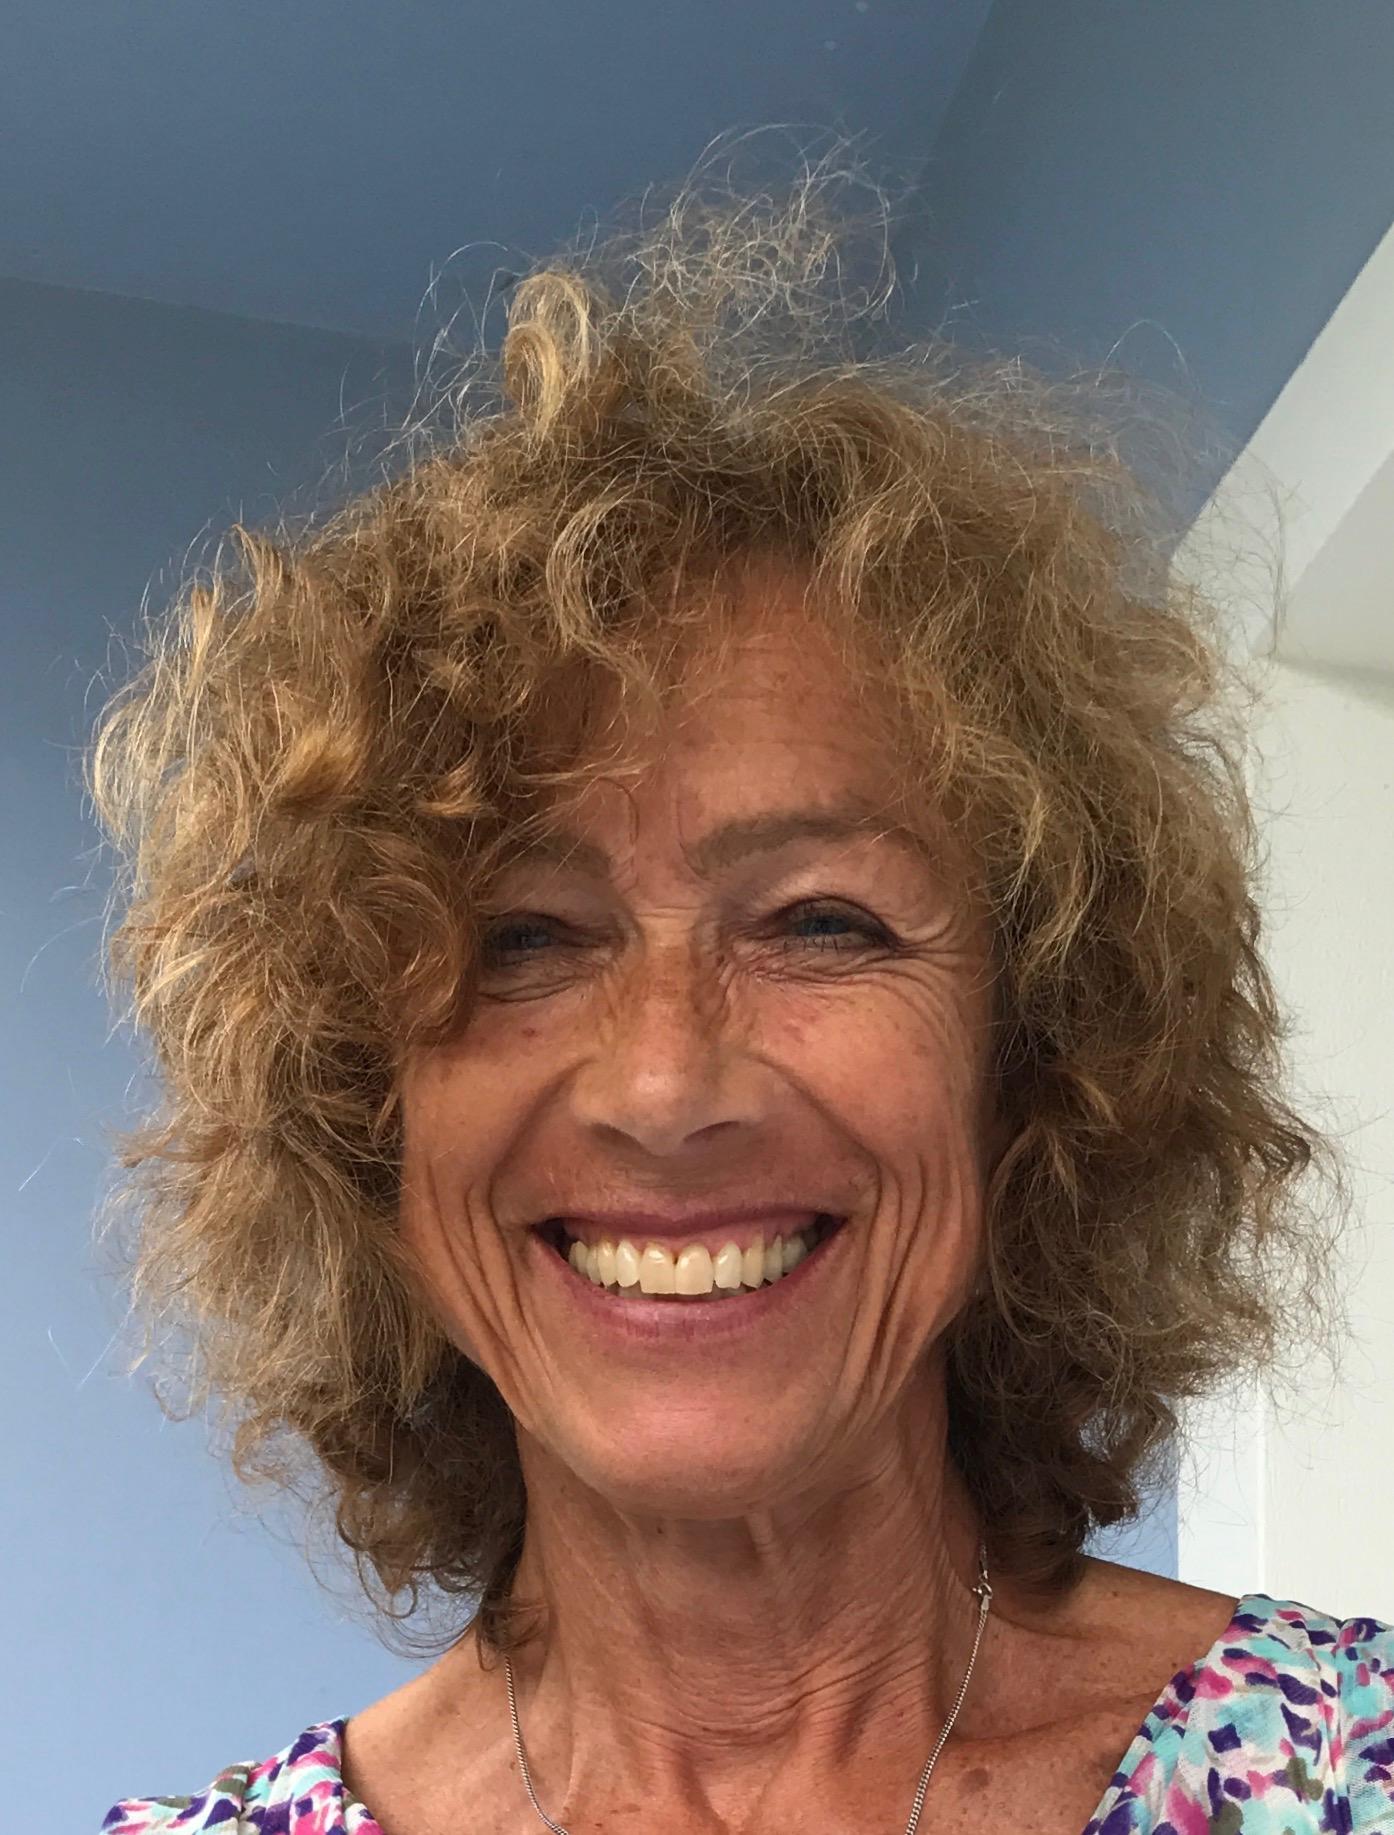 Caroline van der Blonk